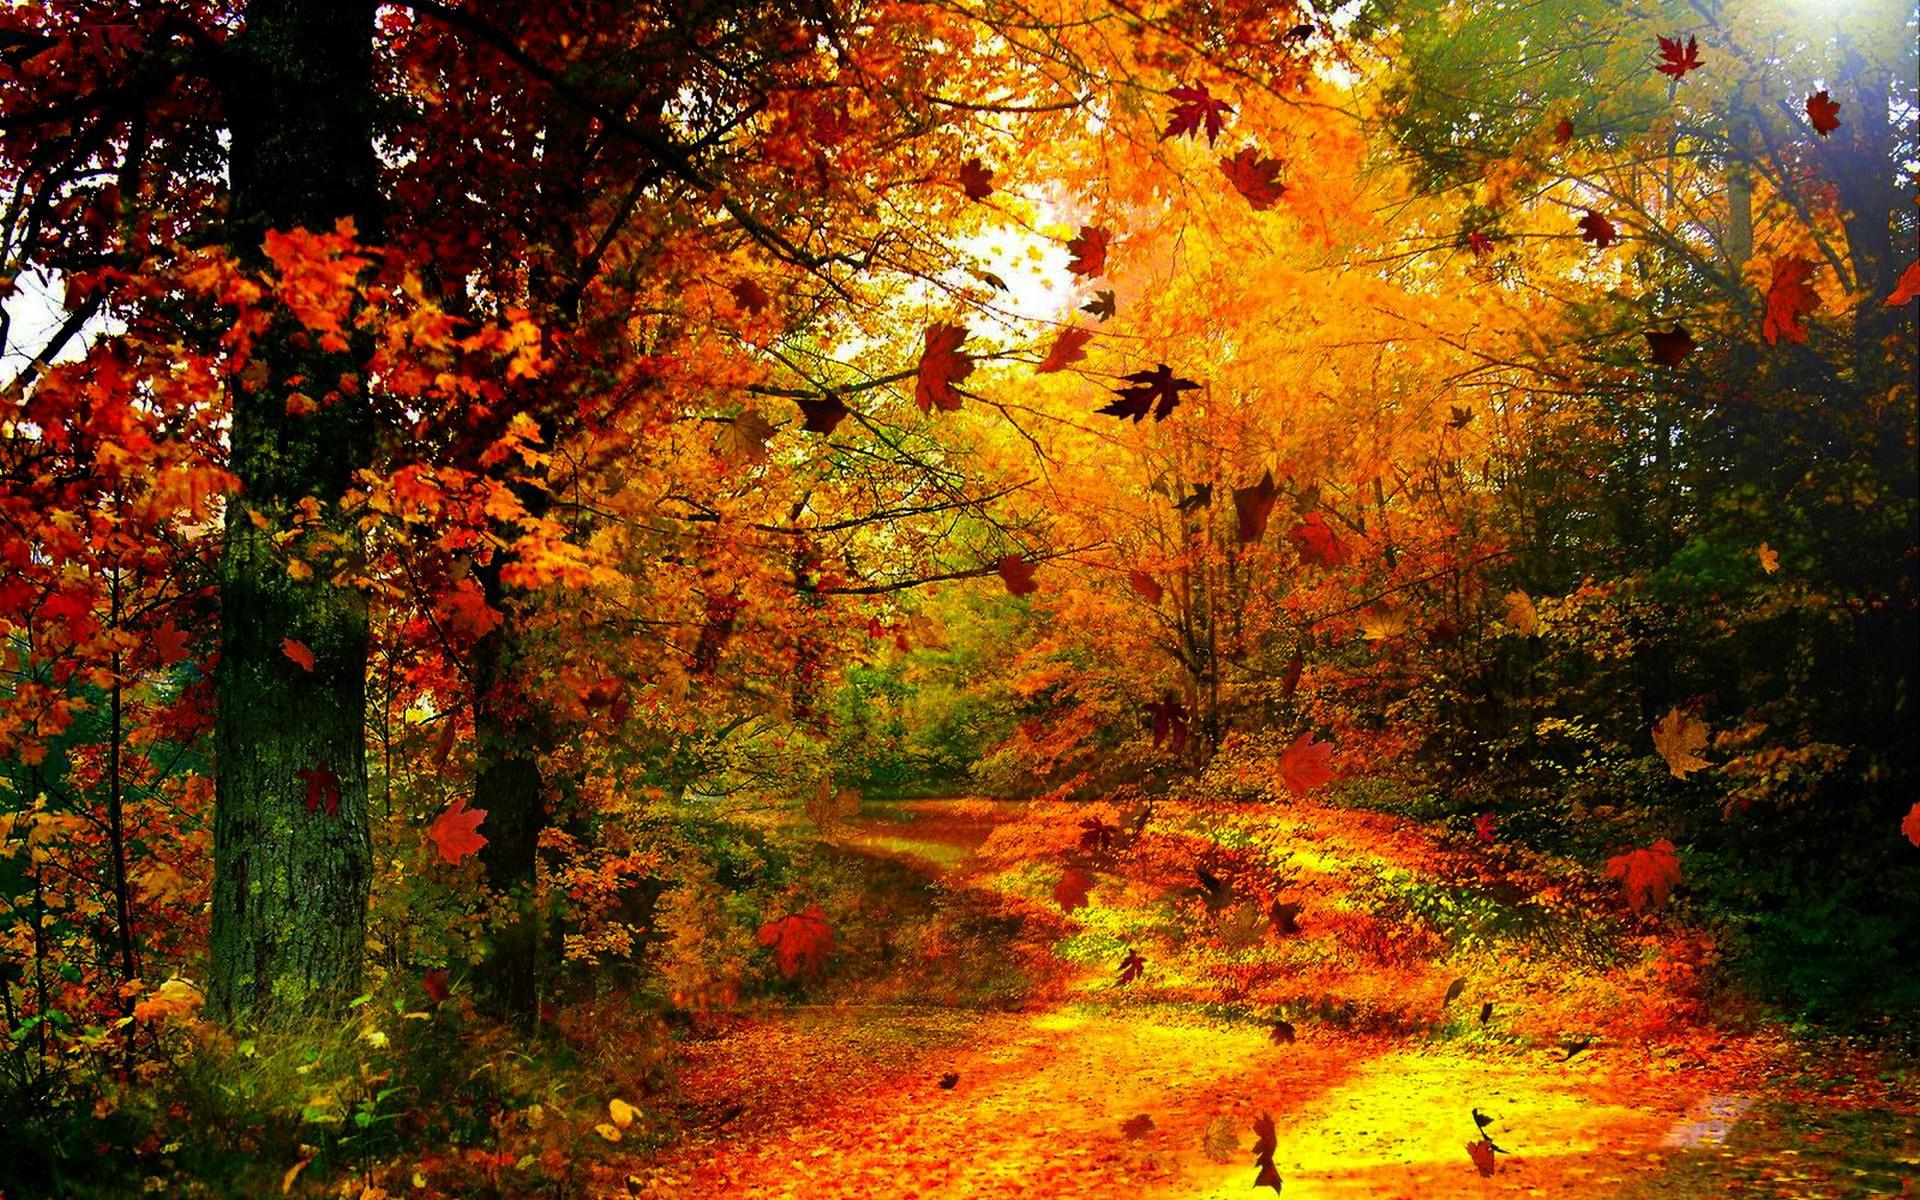 foto de Les couleurs de l'automne - Fond d'écran HD